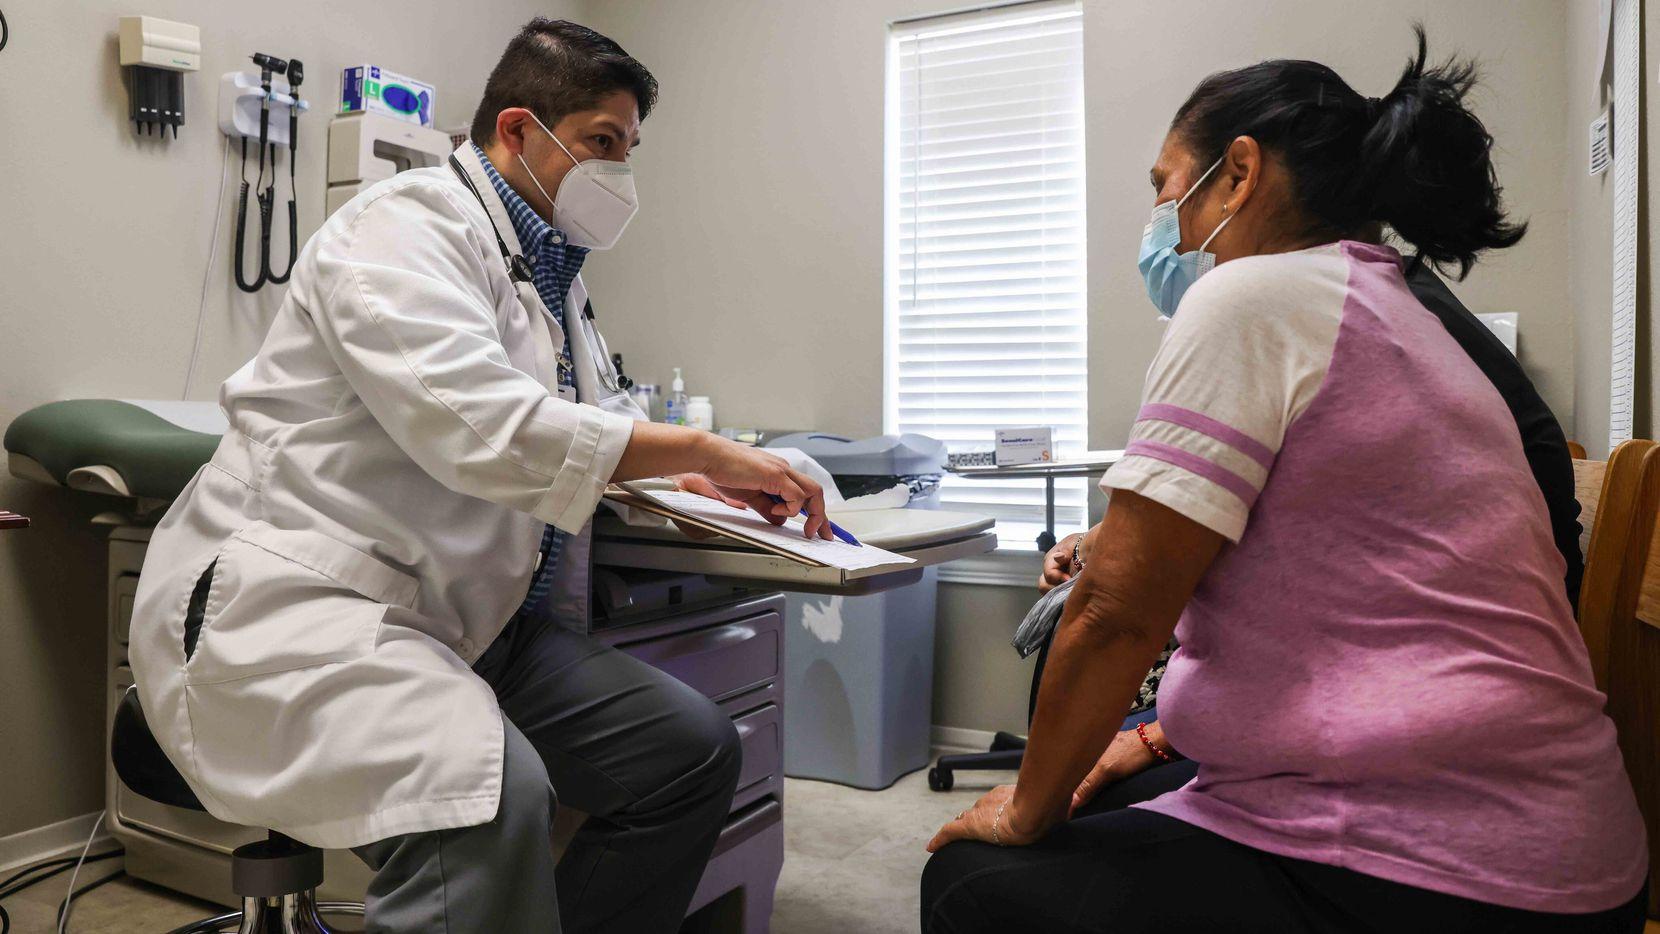 Las clínicas comunitarias tienen una relación más cercana con pacientes de comunidades desprotegidas y son un recurso invaluable para que las personas no inunden las salas de hospitales. En la imagen, el Dr. Eduardo Alvarez platica con su paciente, Francisca Ayala.